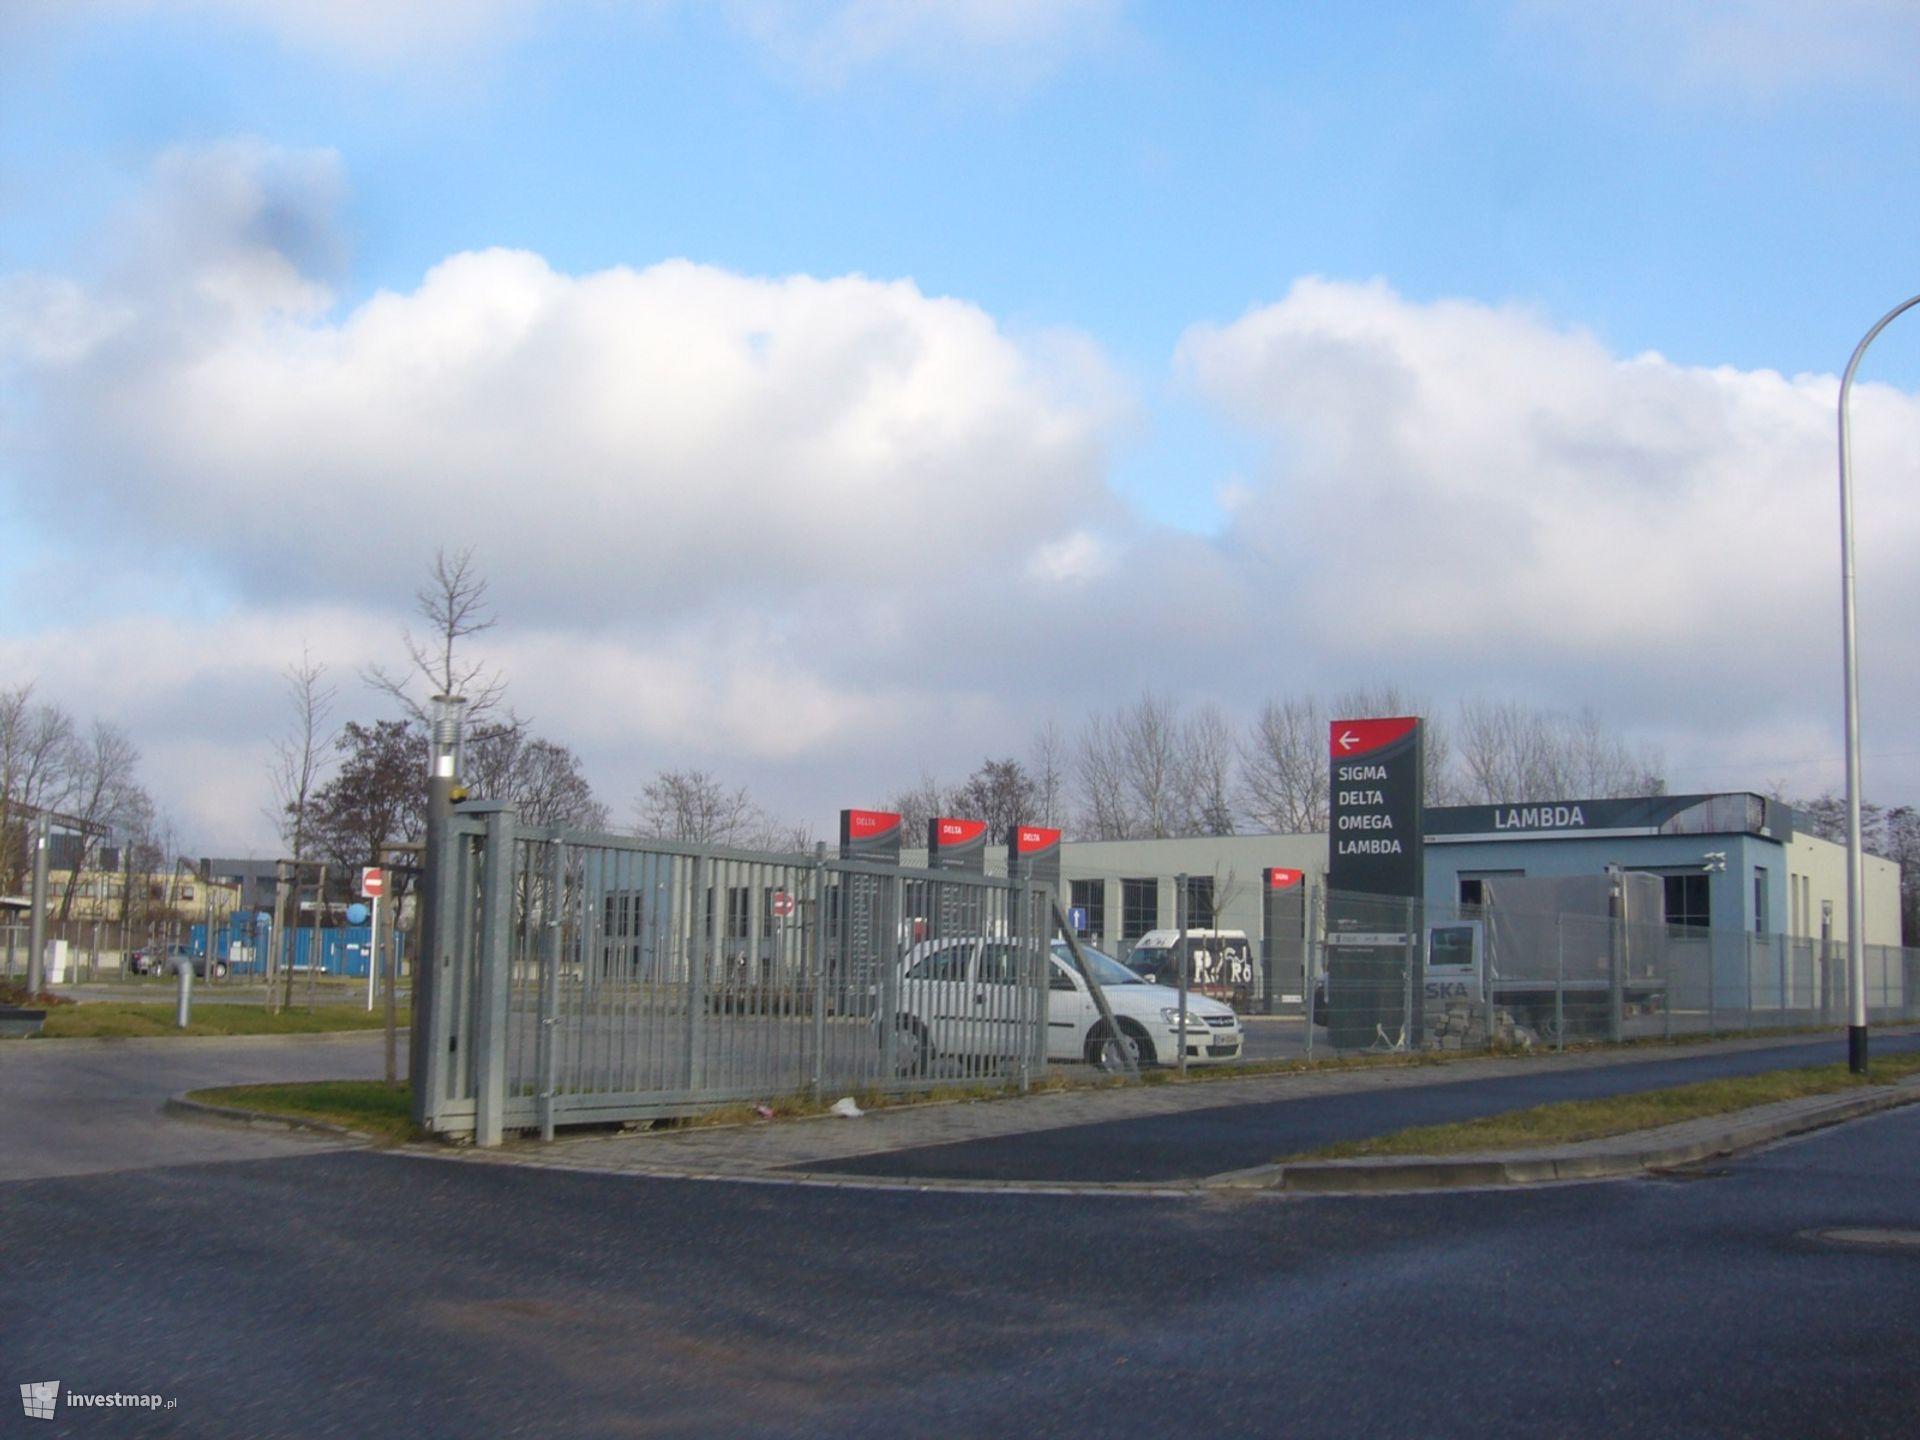 Wrocławski Park Technologiczny Laboratorium Badań Nieniszczących (Budynek Lambda)